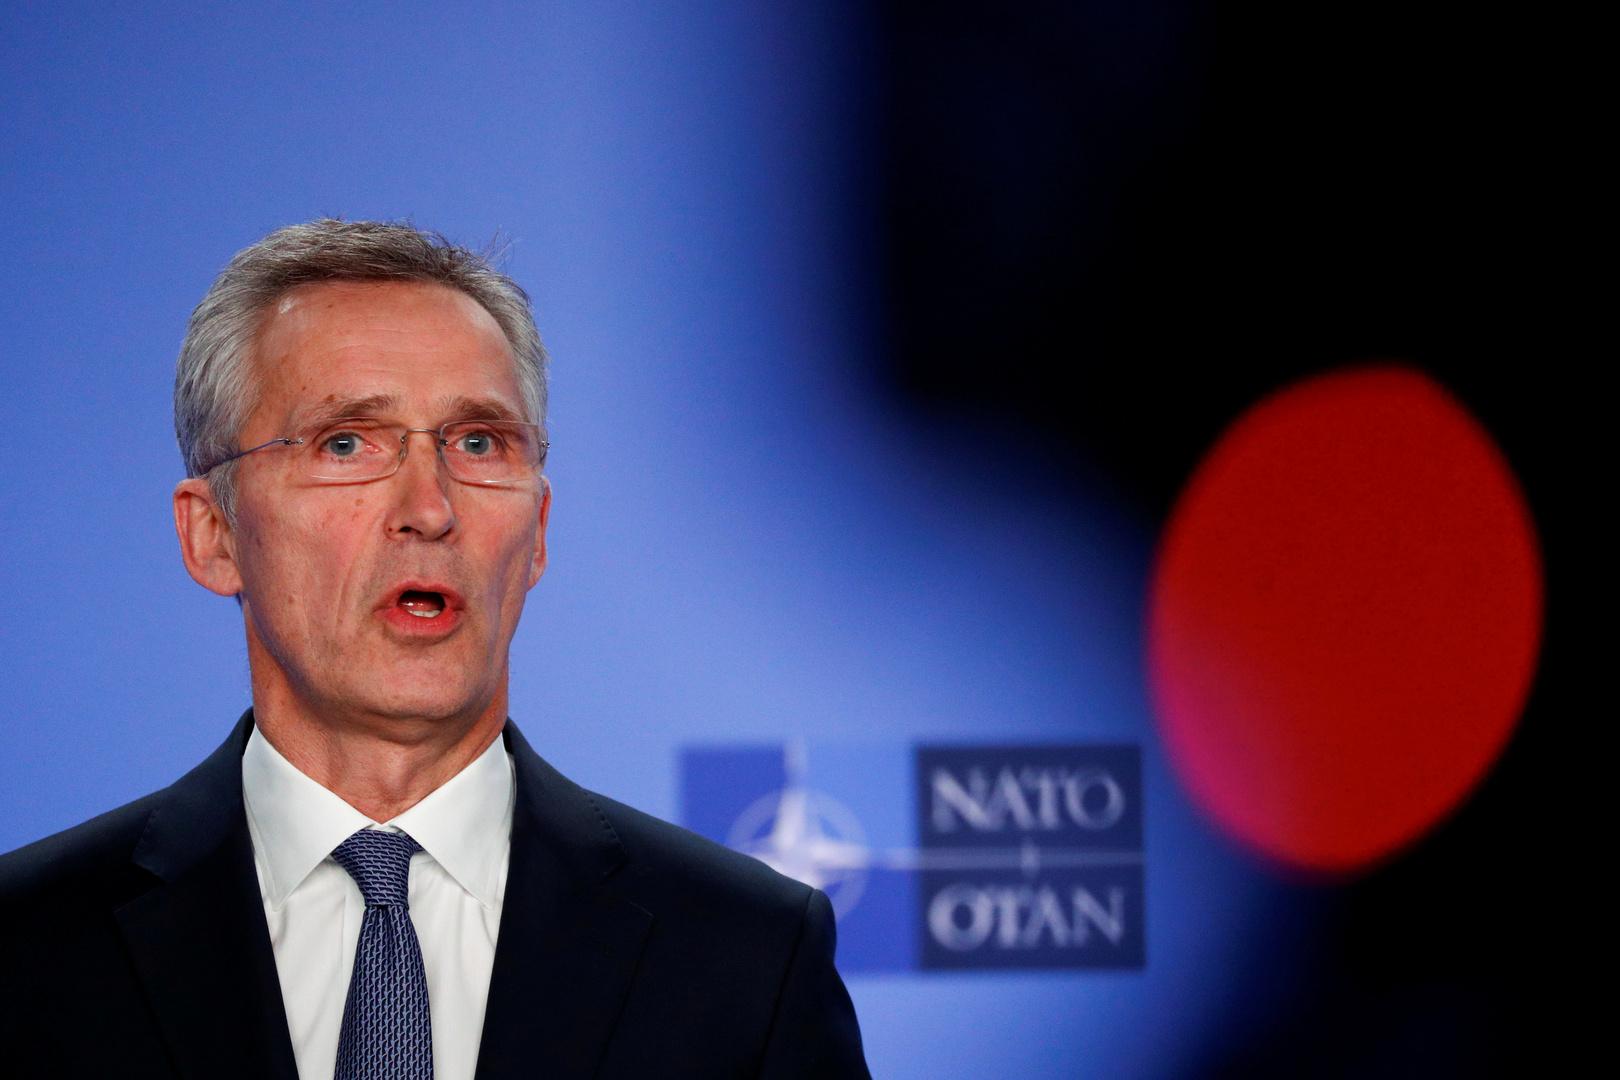 الناتو يعلن عن رفع تعداد قواته في العراق بـ8 أضعاف